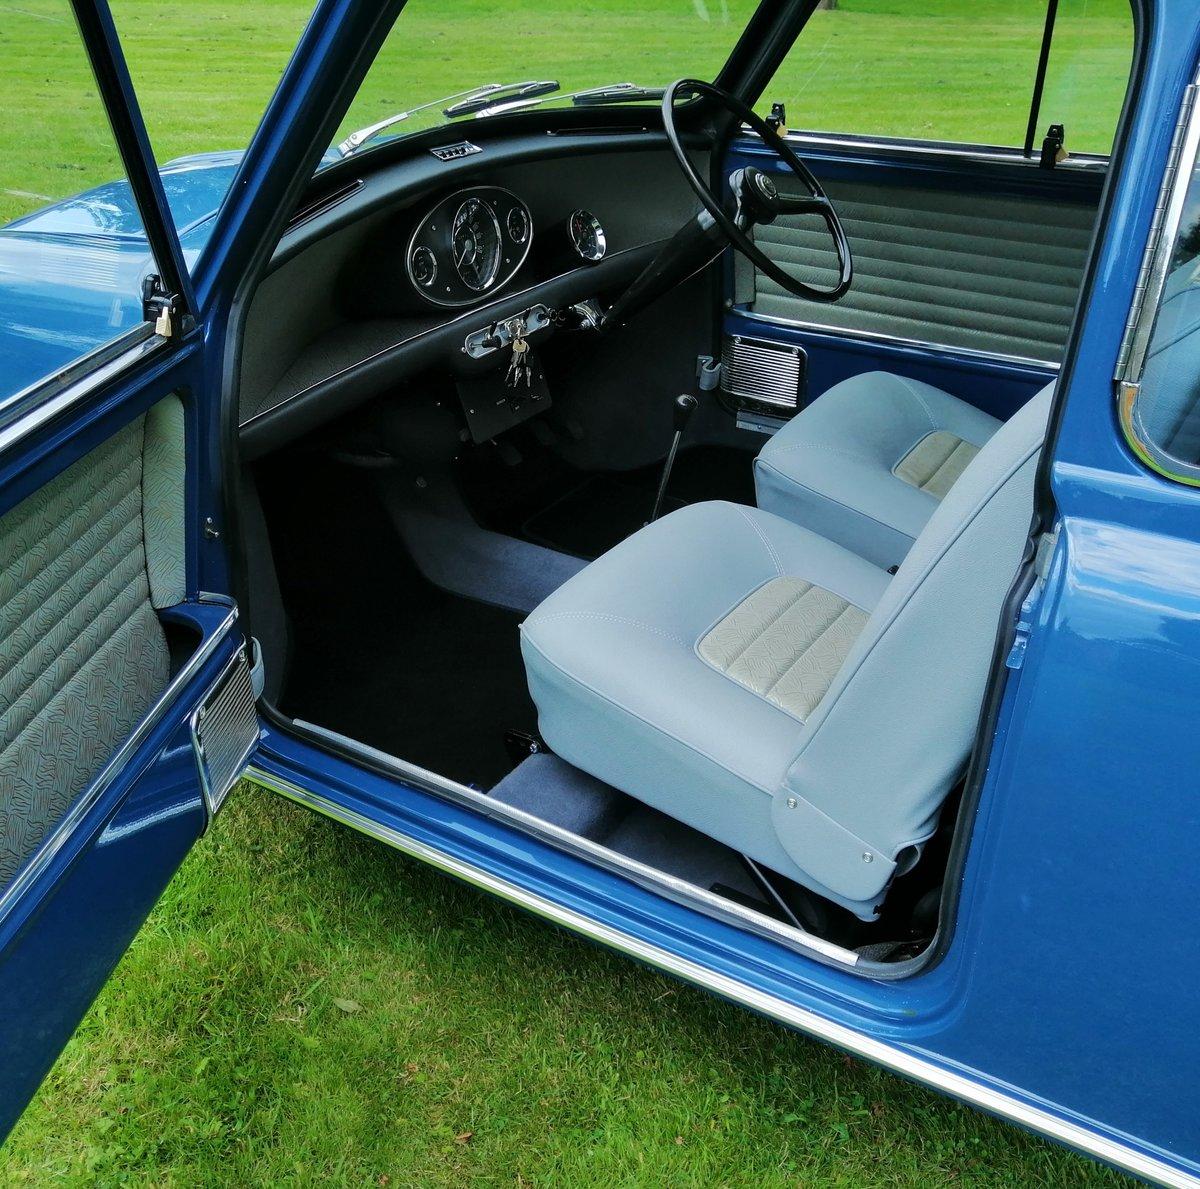 1967 Austin mini cooper s mk1 1275cc For Sale (picture 3 of 6)